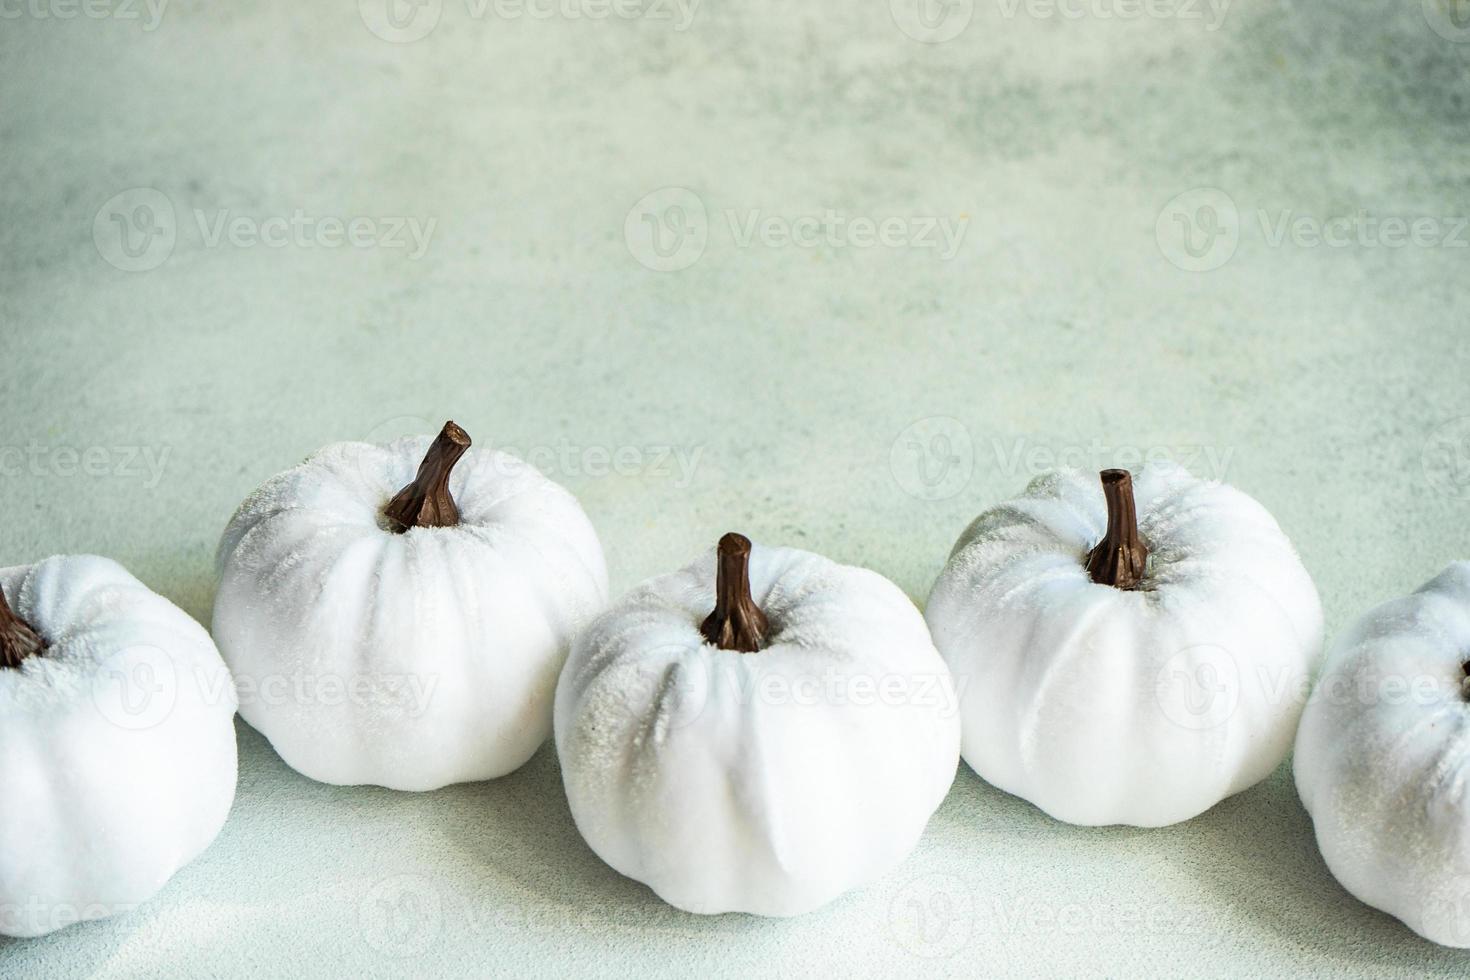 zucche tessili bianche fatte a mano come biglietto di ringraziamento foto